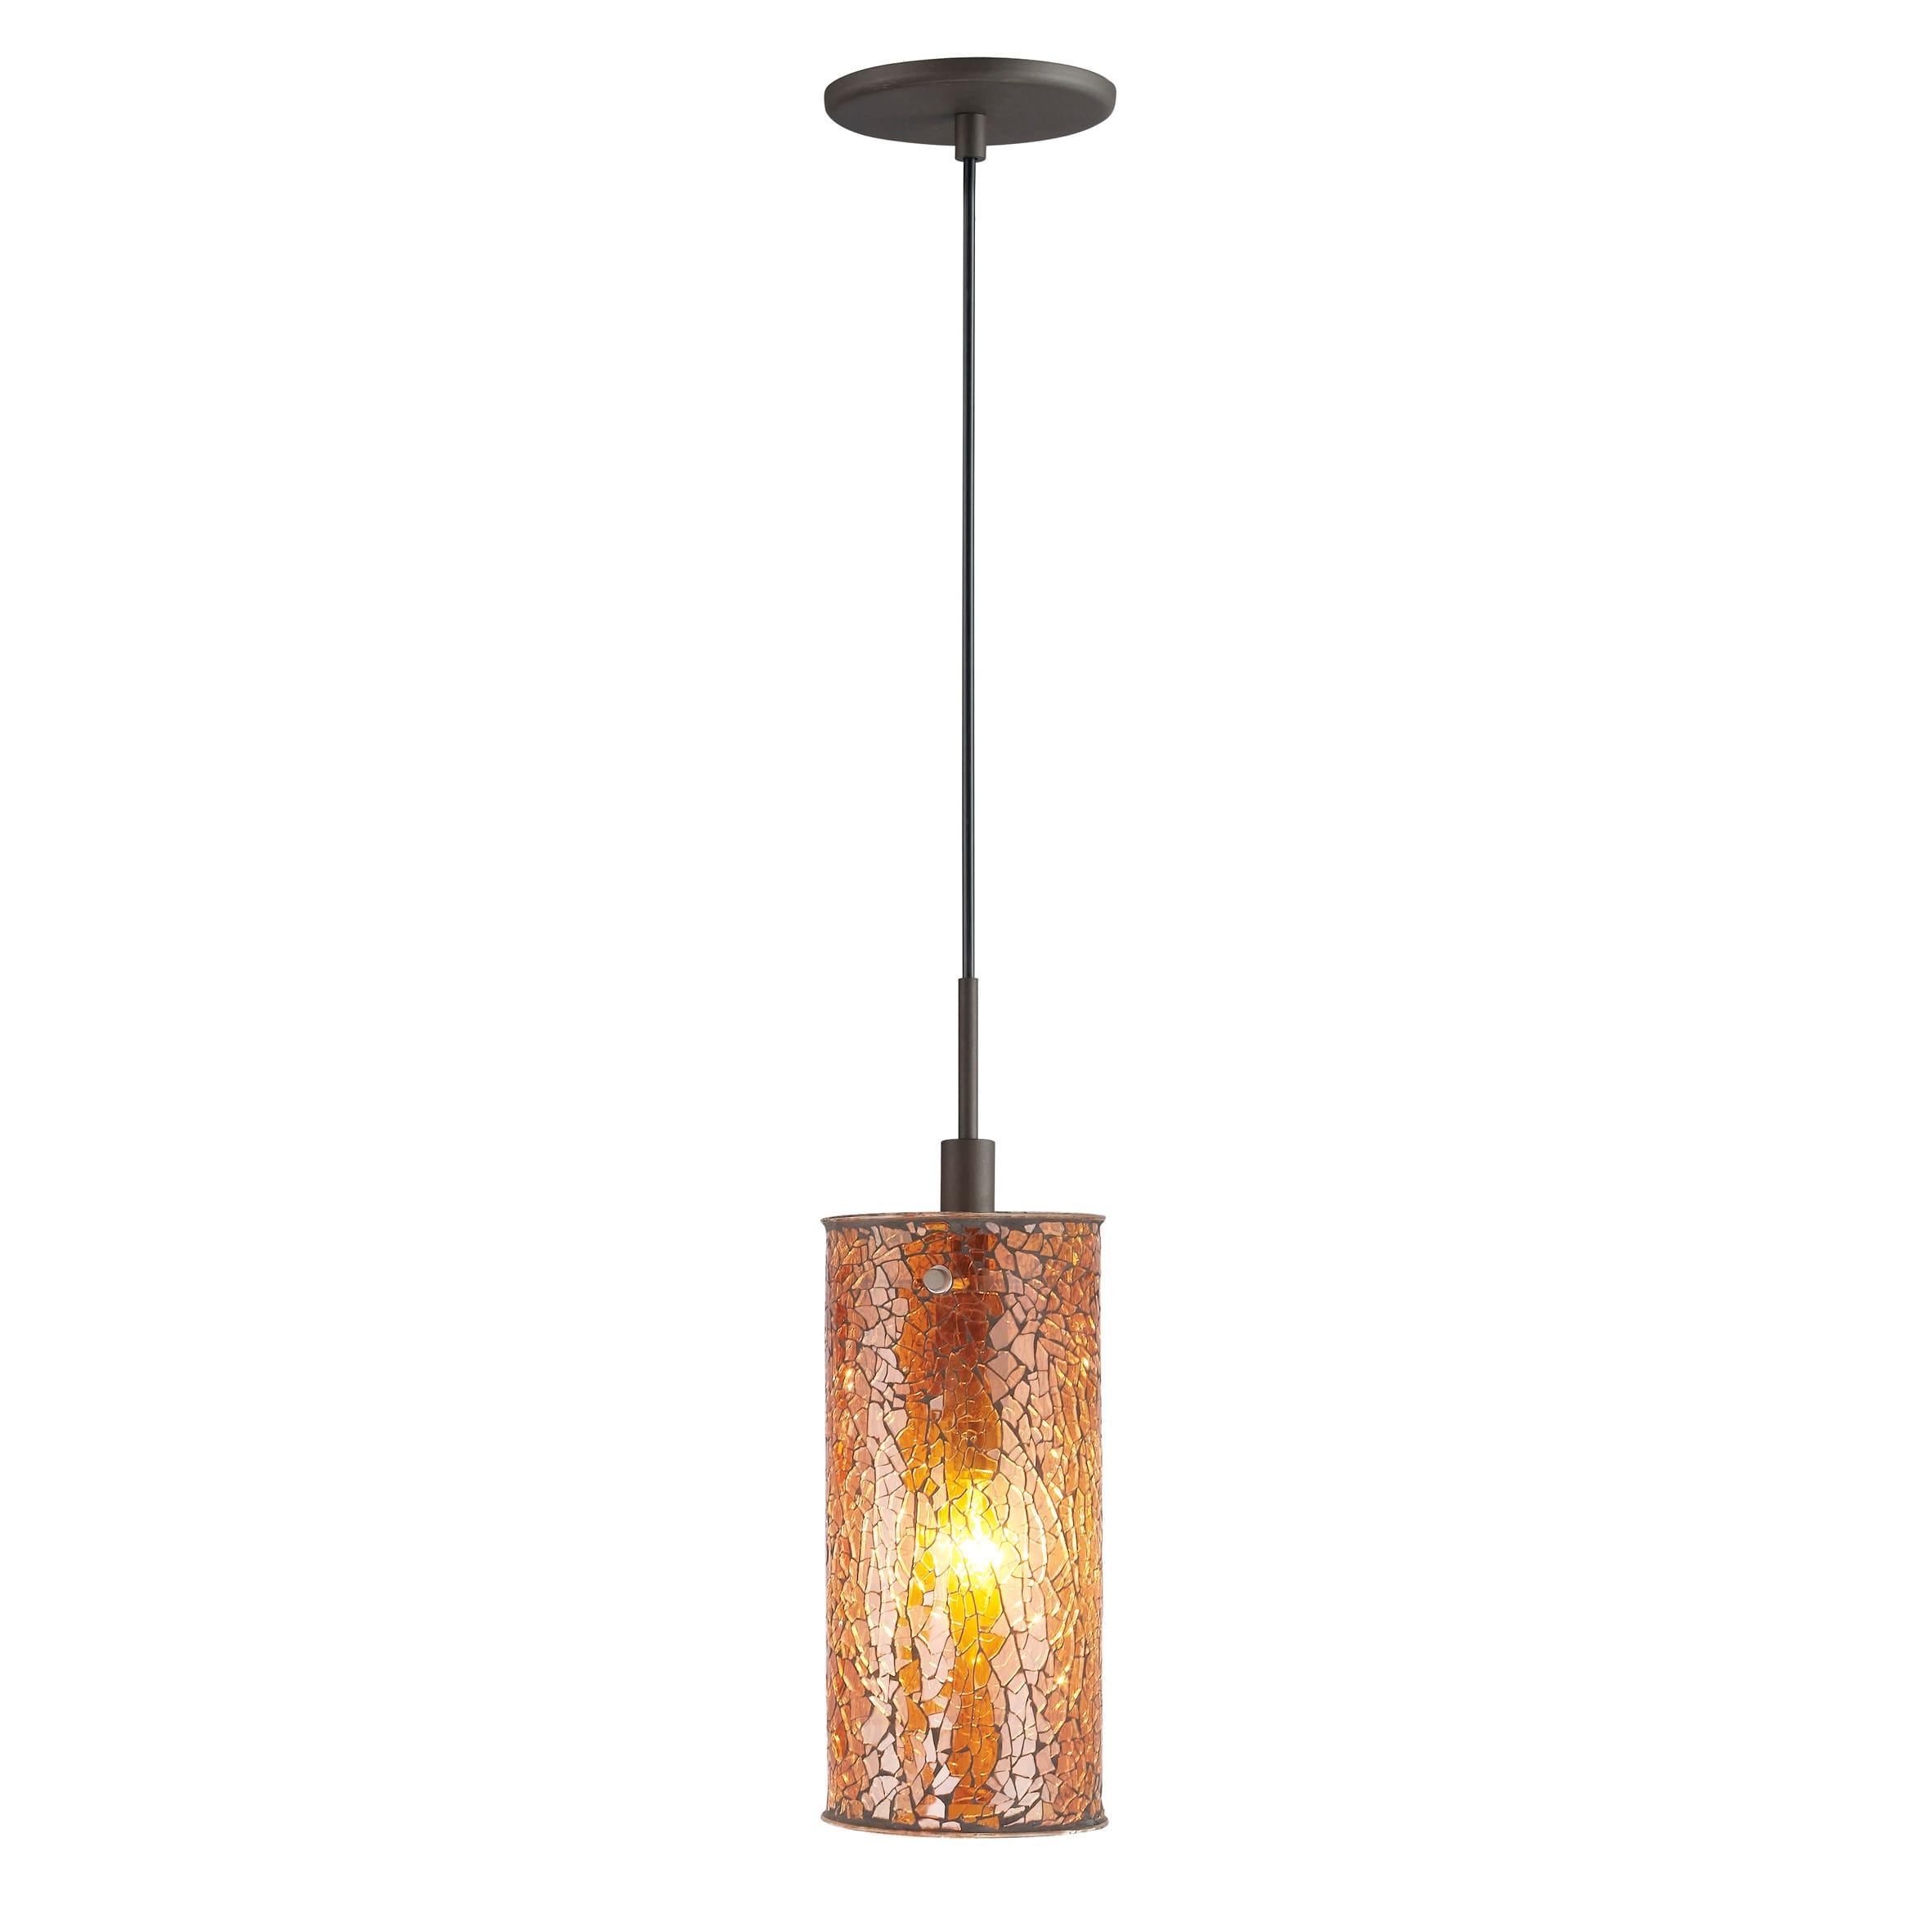 Woodbridge Lighting 13423meb M10